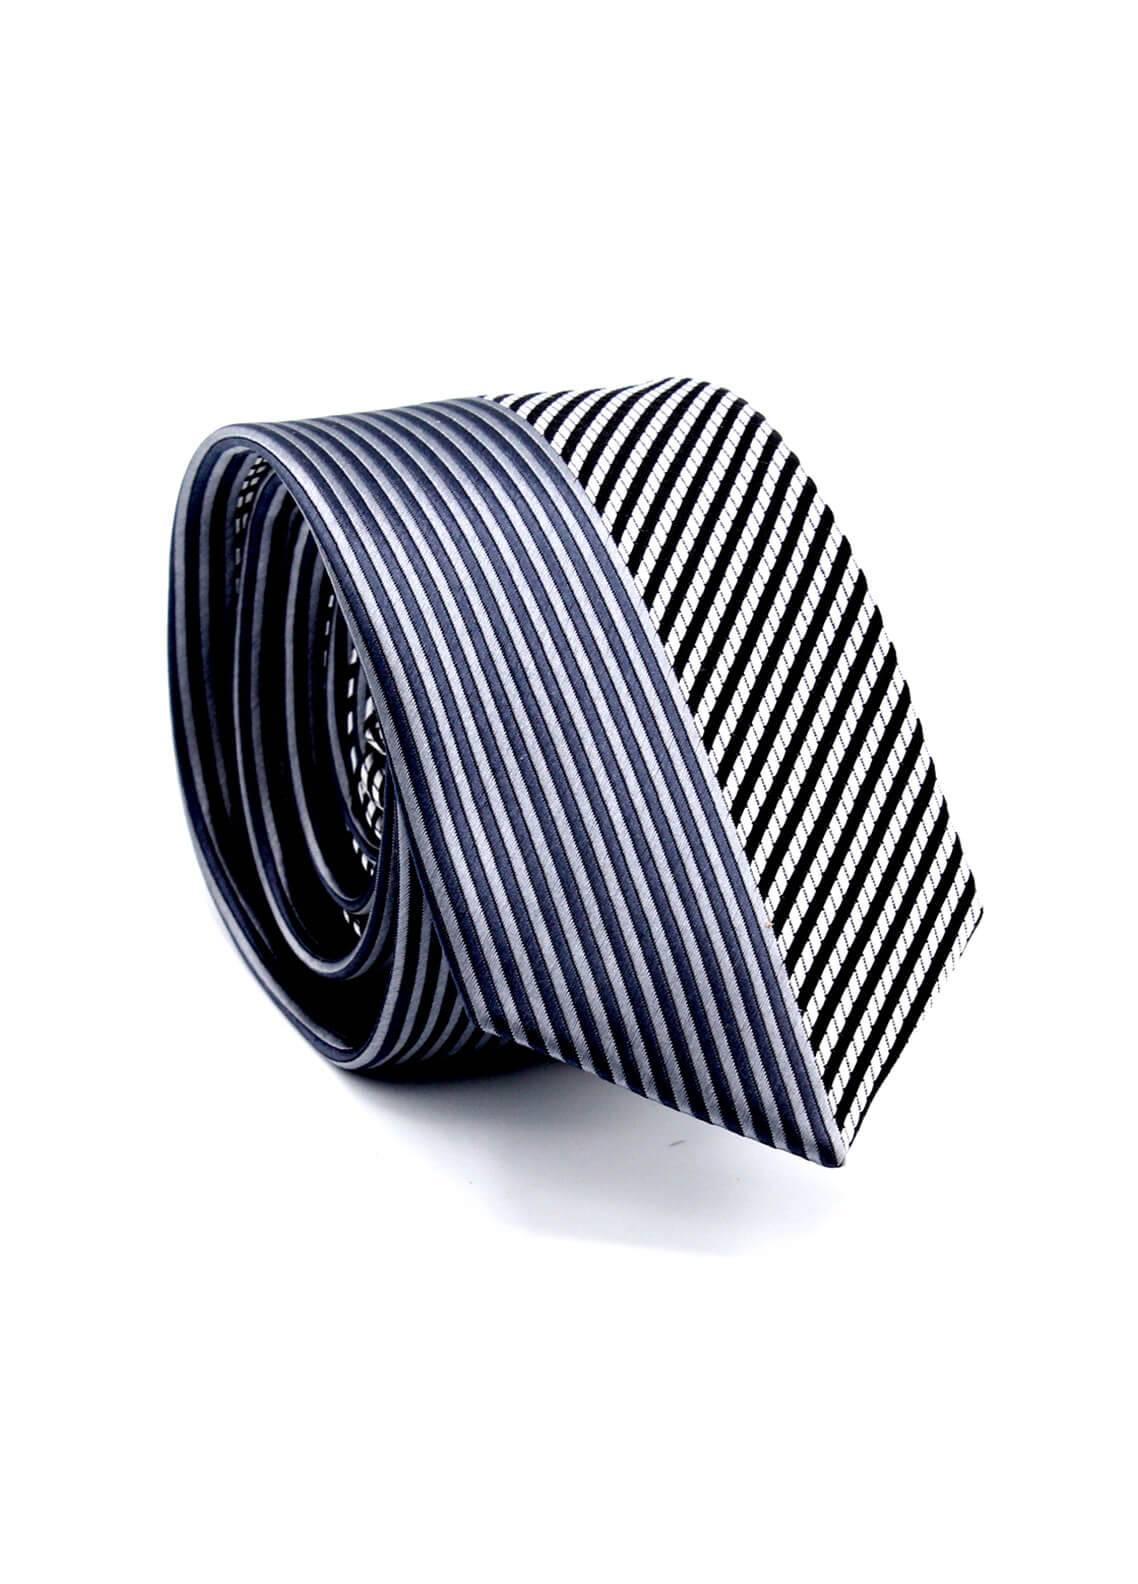 Skangen Multi-Patterned Wool Neck Tie Neck Tie SKTI-S-003 -